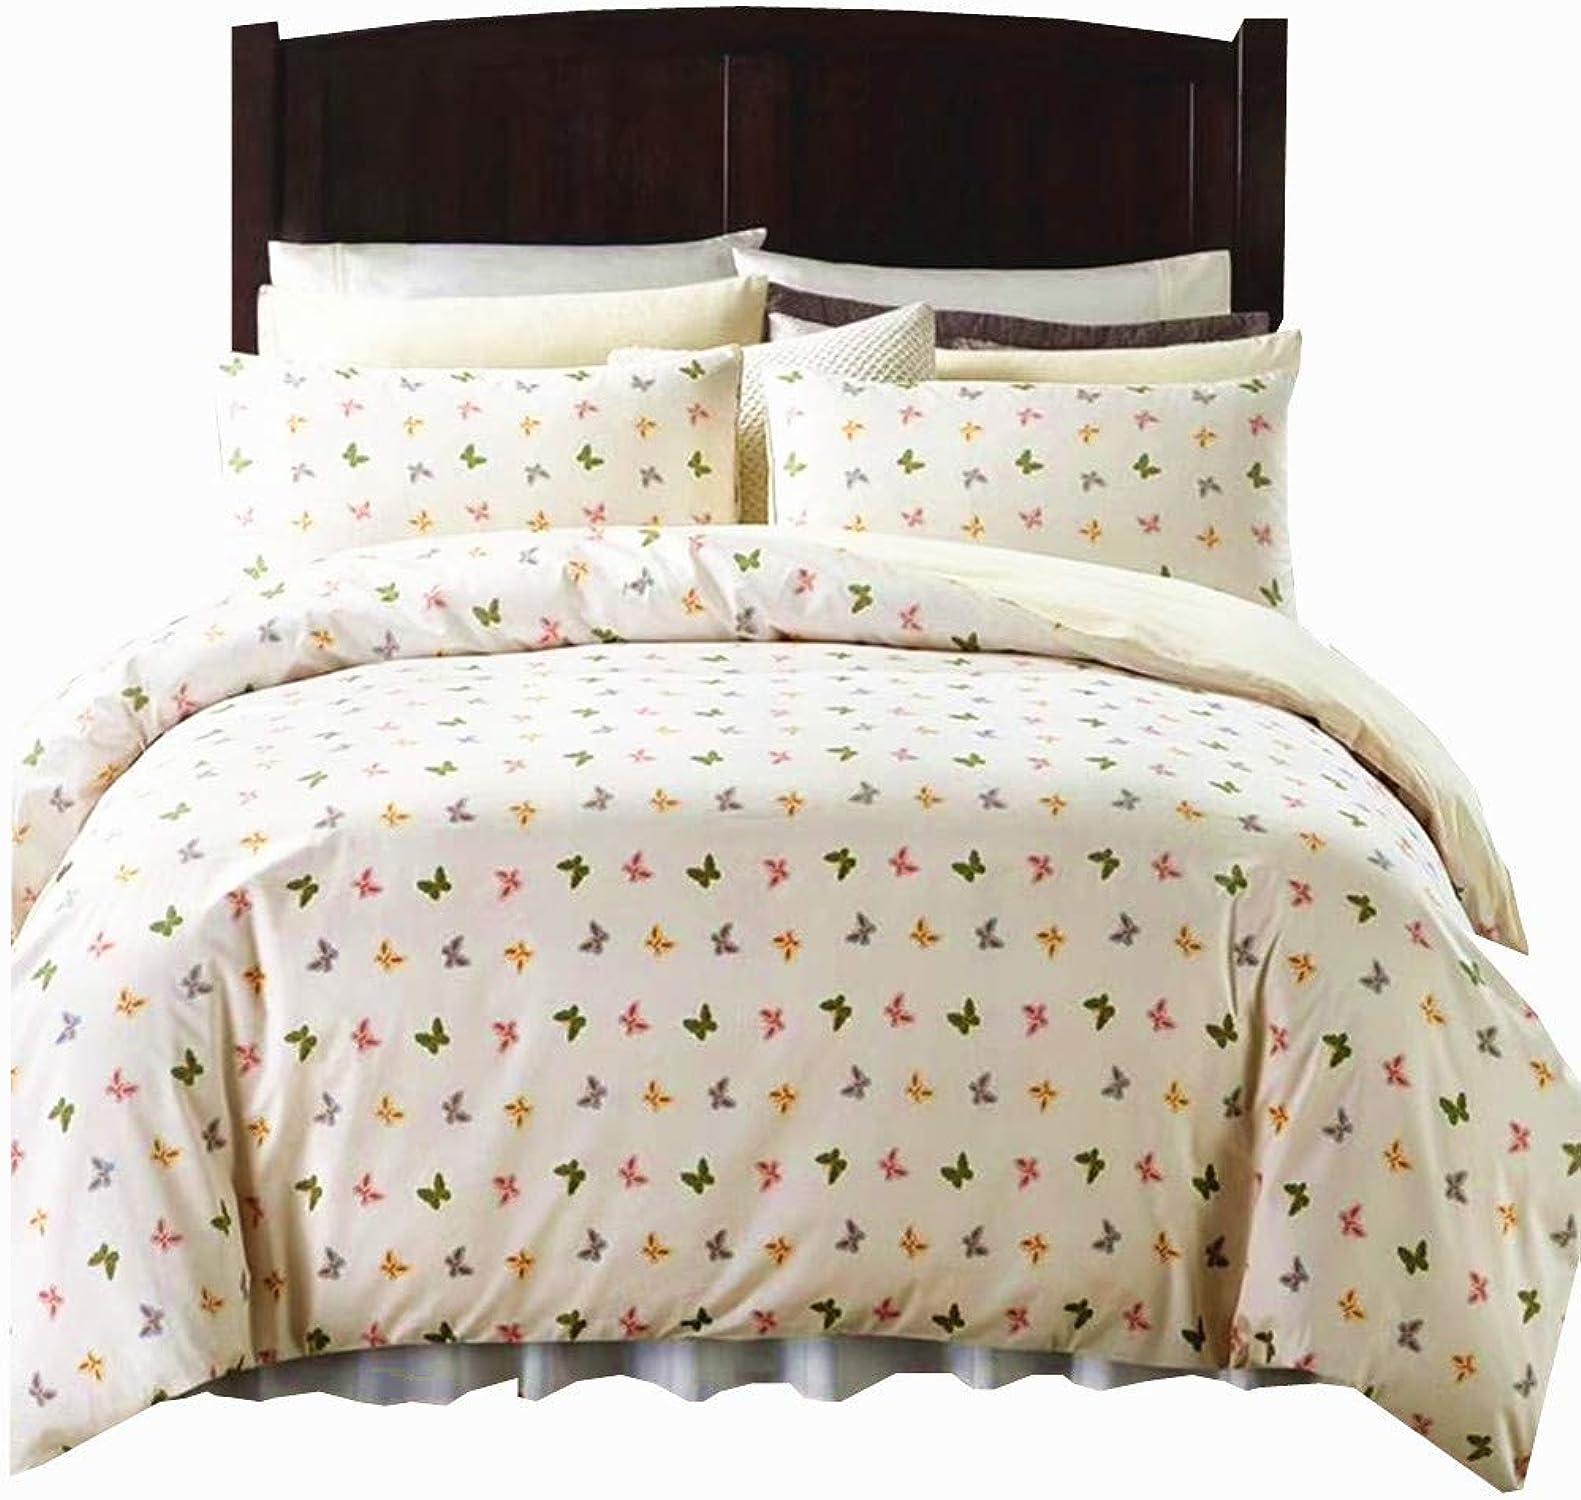 YIH Parure de lit en Coton 3 pièces avec Housse de Couette et 2 taies d'oreiller Motif Papillons Blanc, Blanc, Double